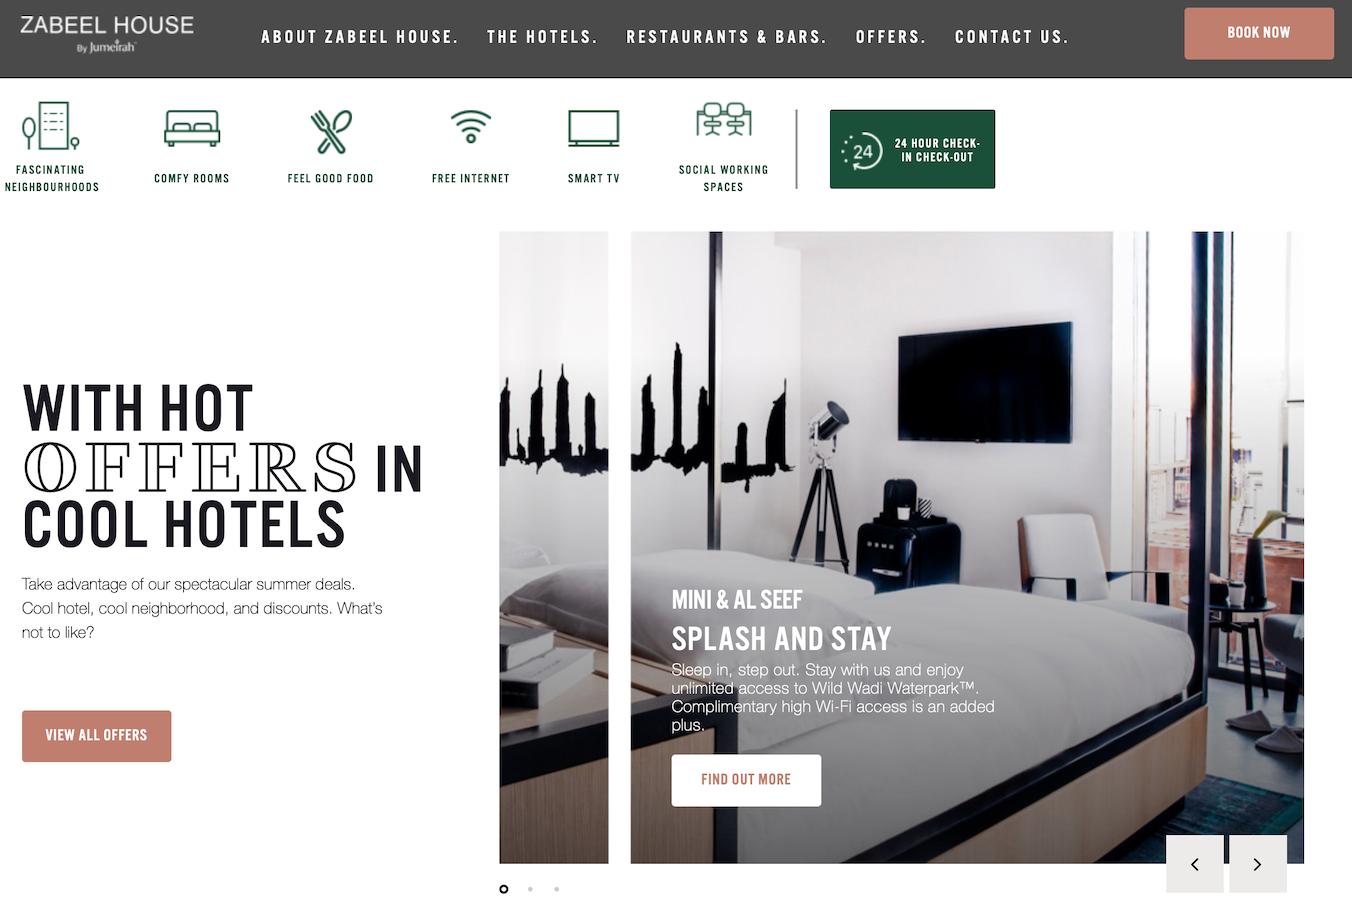 帮助游客深入当地社区,奢华酒店集团Jumeirah 将推出第二个生活方式酒店品牌